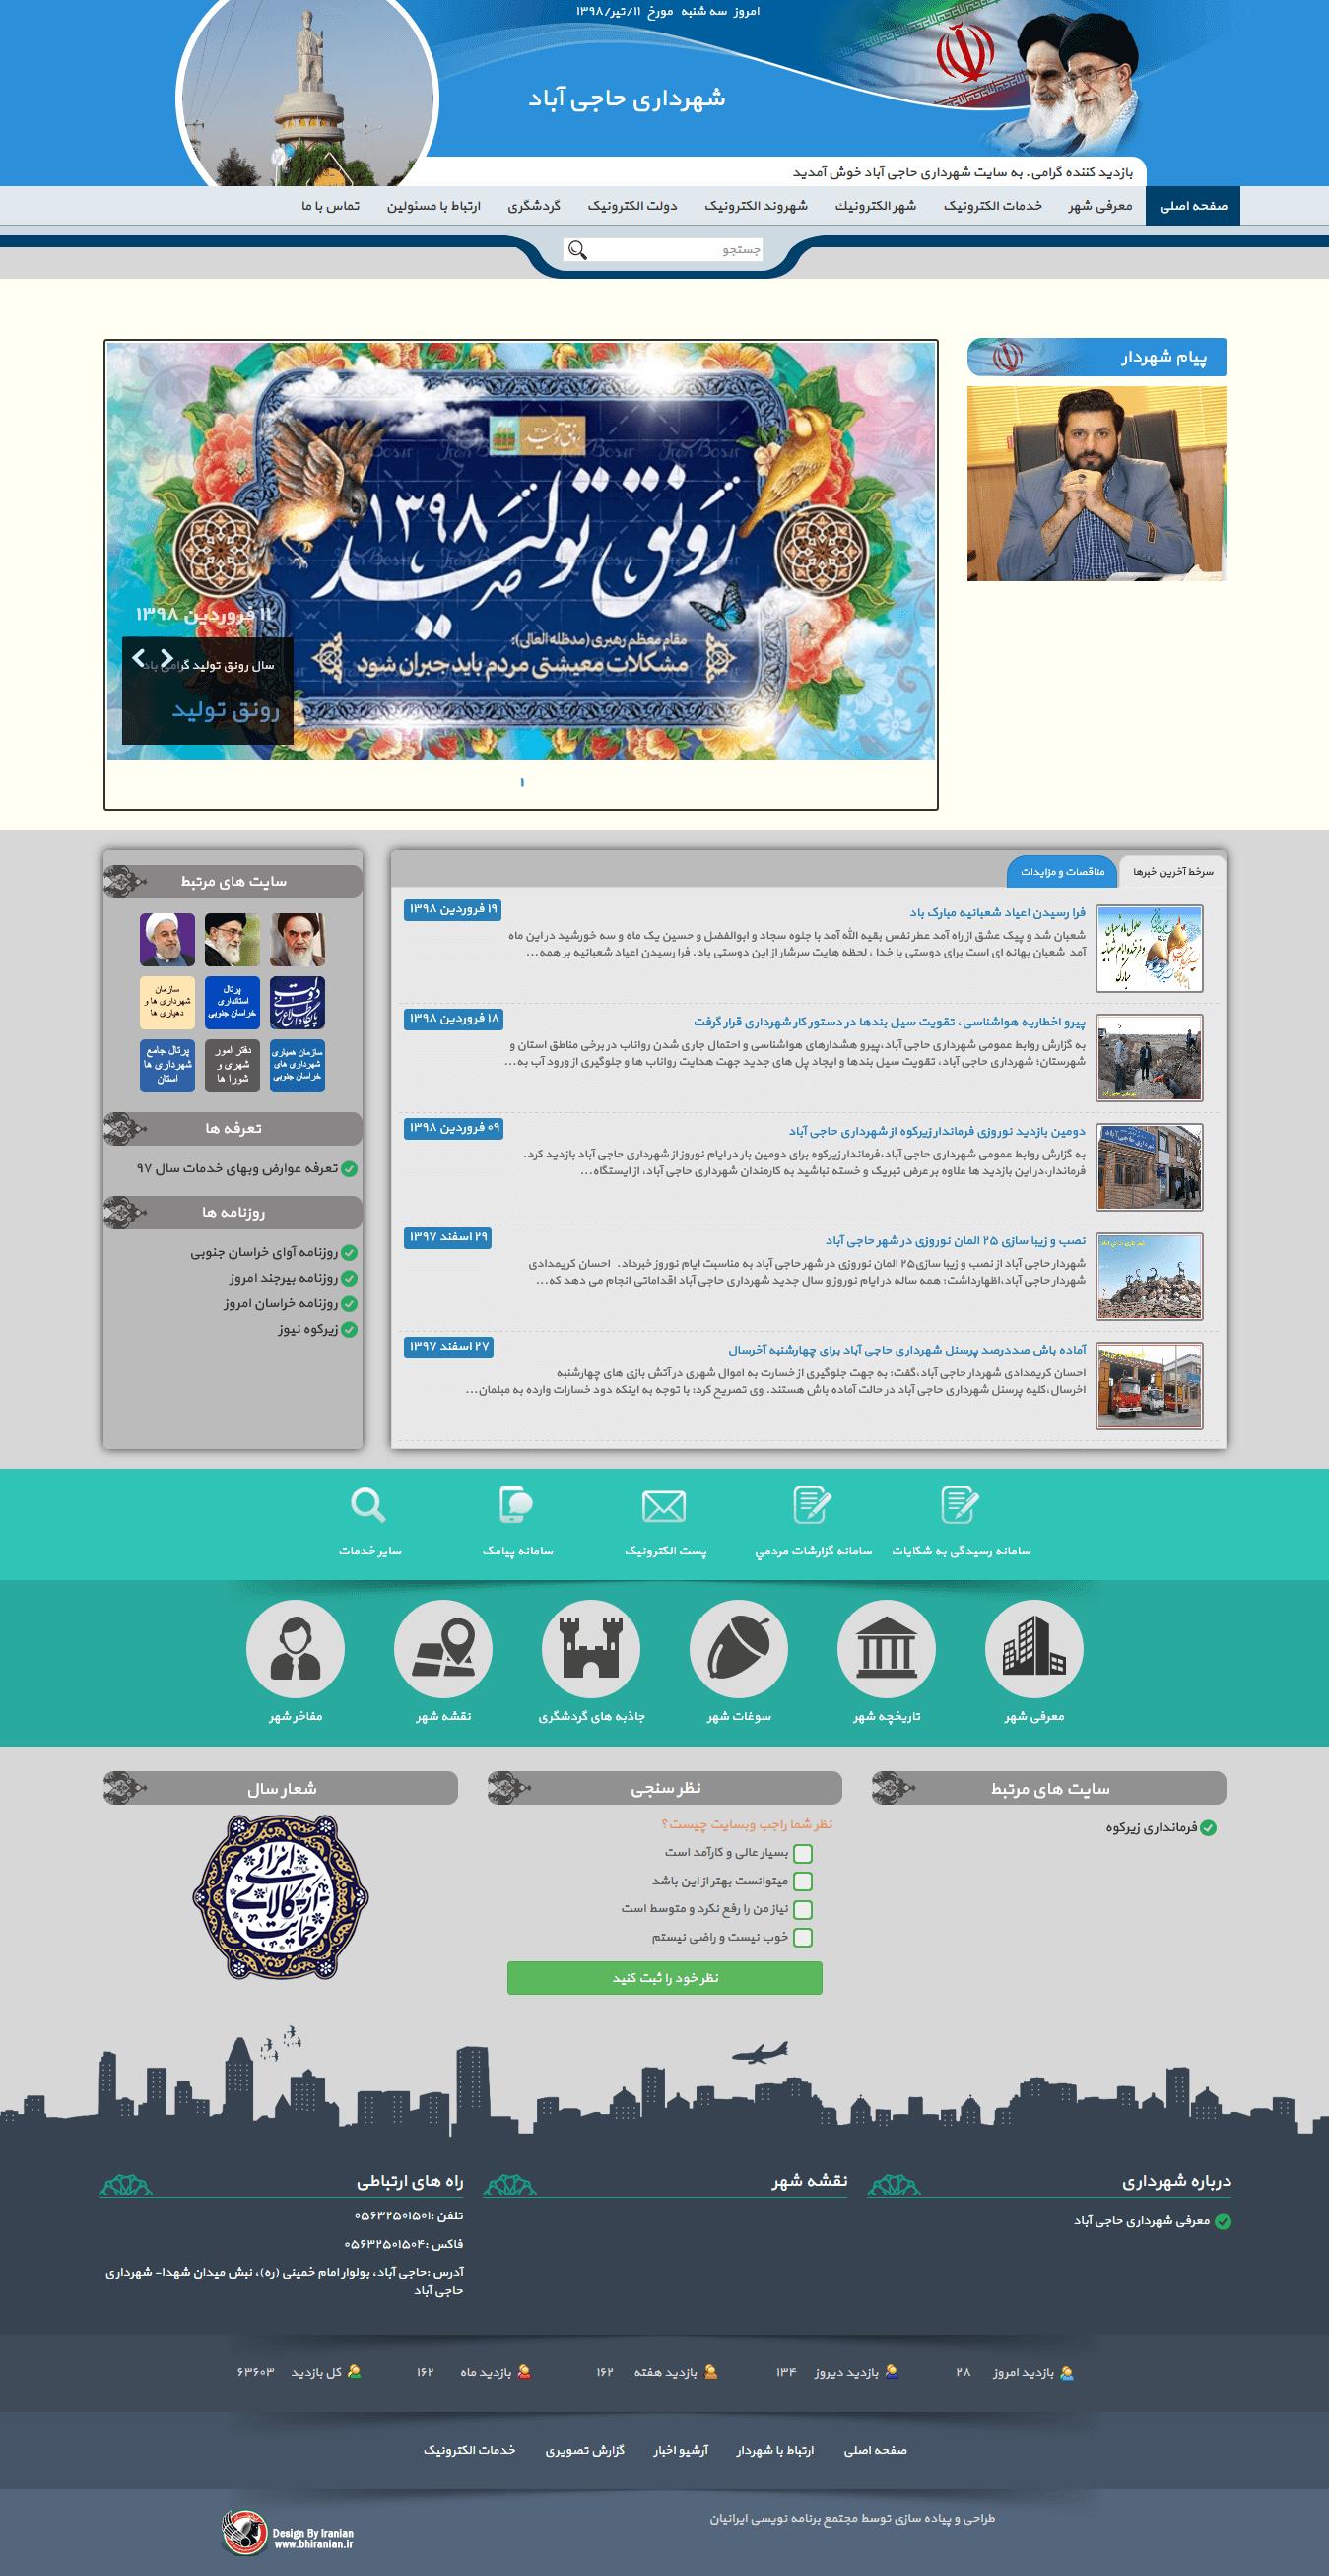 صفحه اصلی سایت شهرداری حاجی آباد